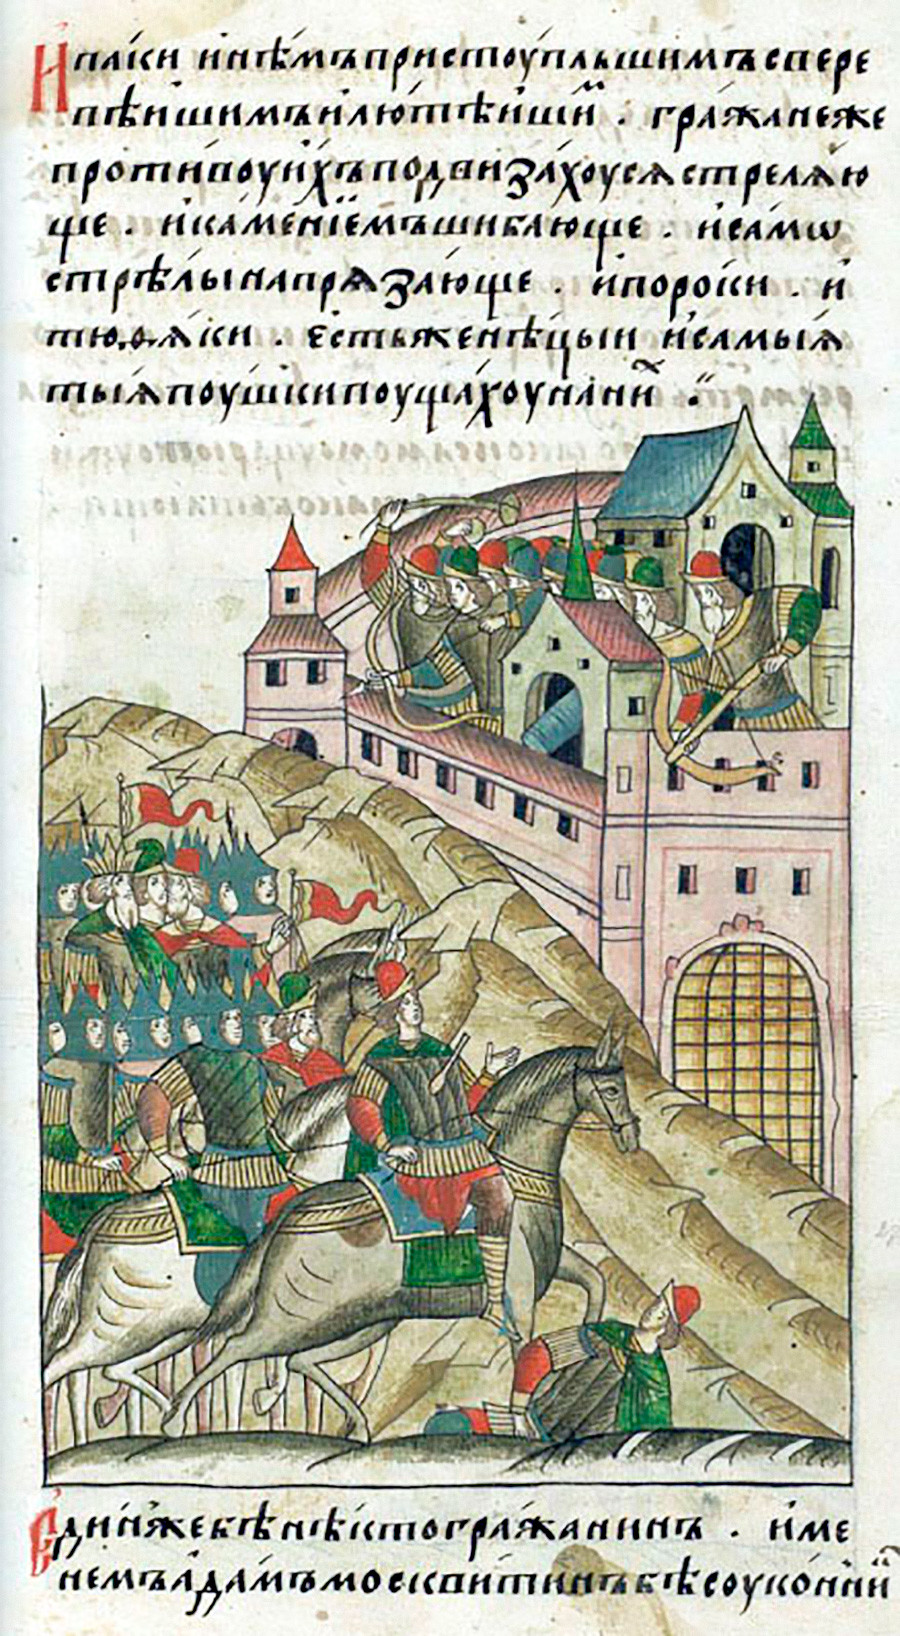 Belagerung von Moskau durch Khan Tochtamysch, 1382. Eine Chronik-Illustration aus dem 16. Jahrhundert.